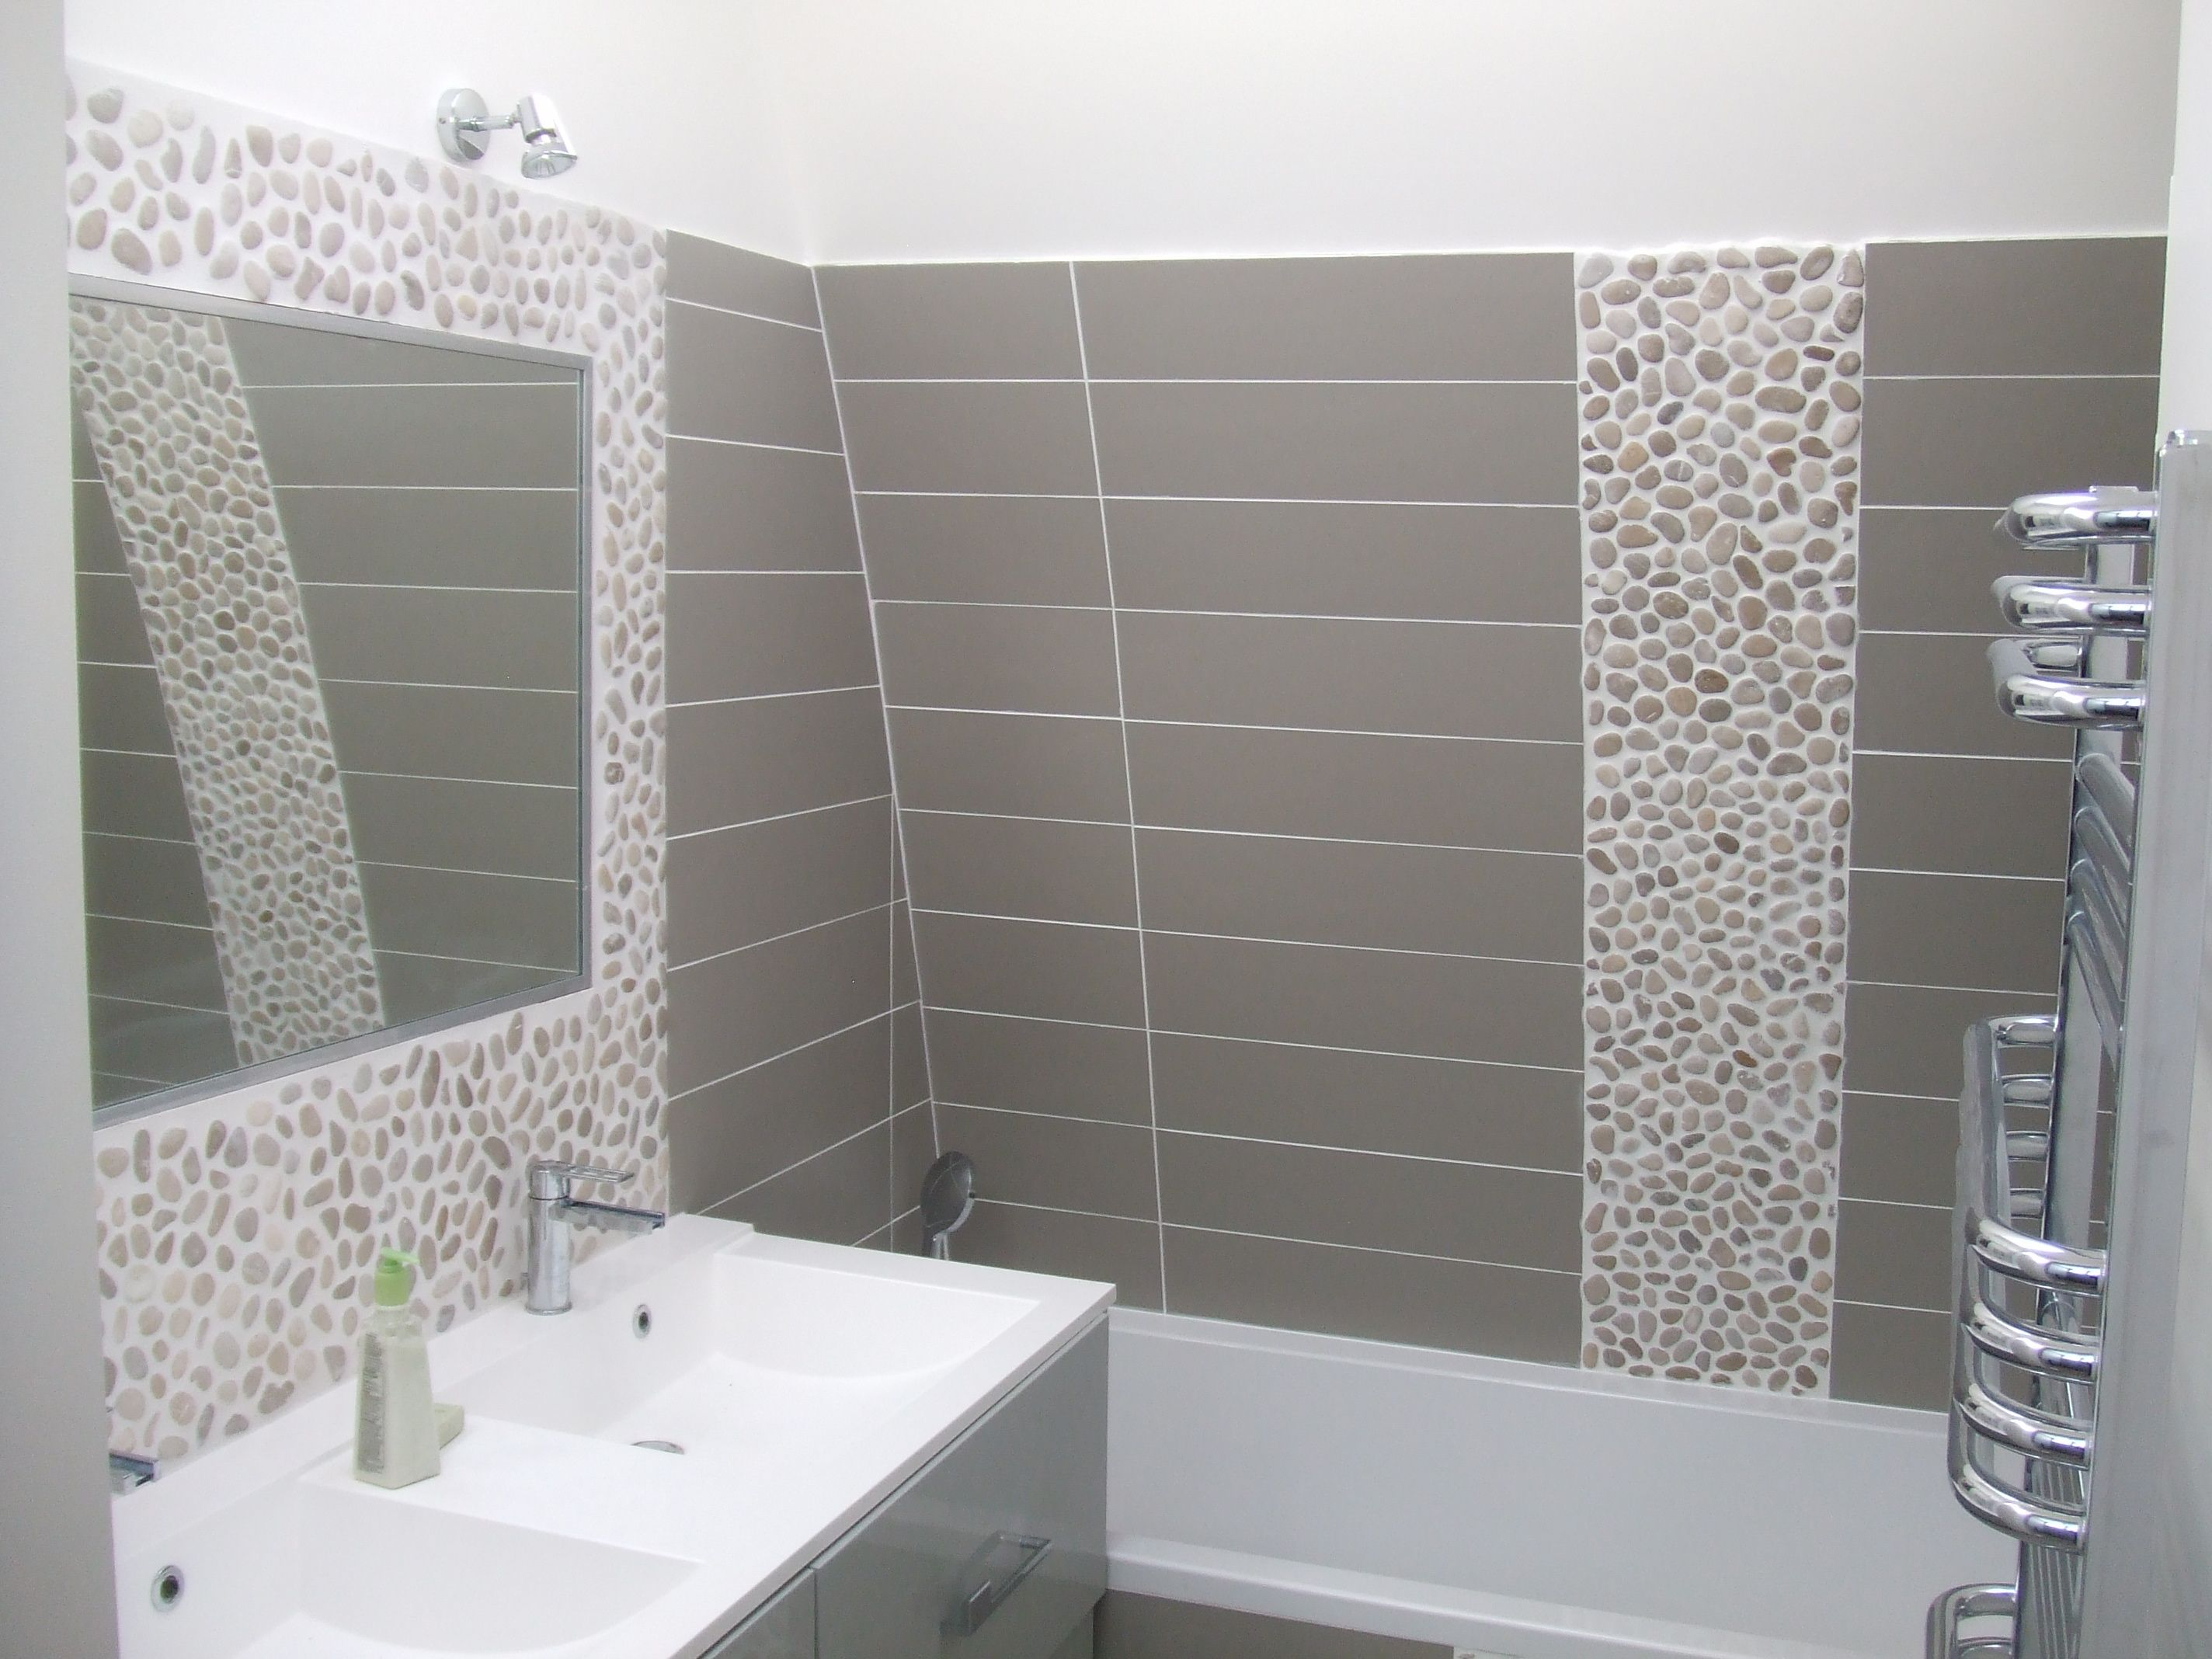 Salle de bain ton gris galet couleur cr me salle de bain galet - Refaire joint de salle de bain ...